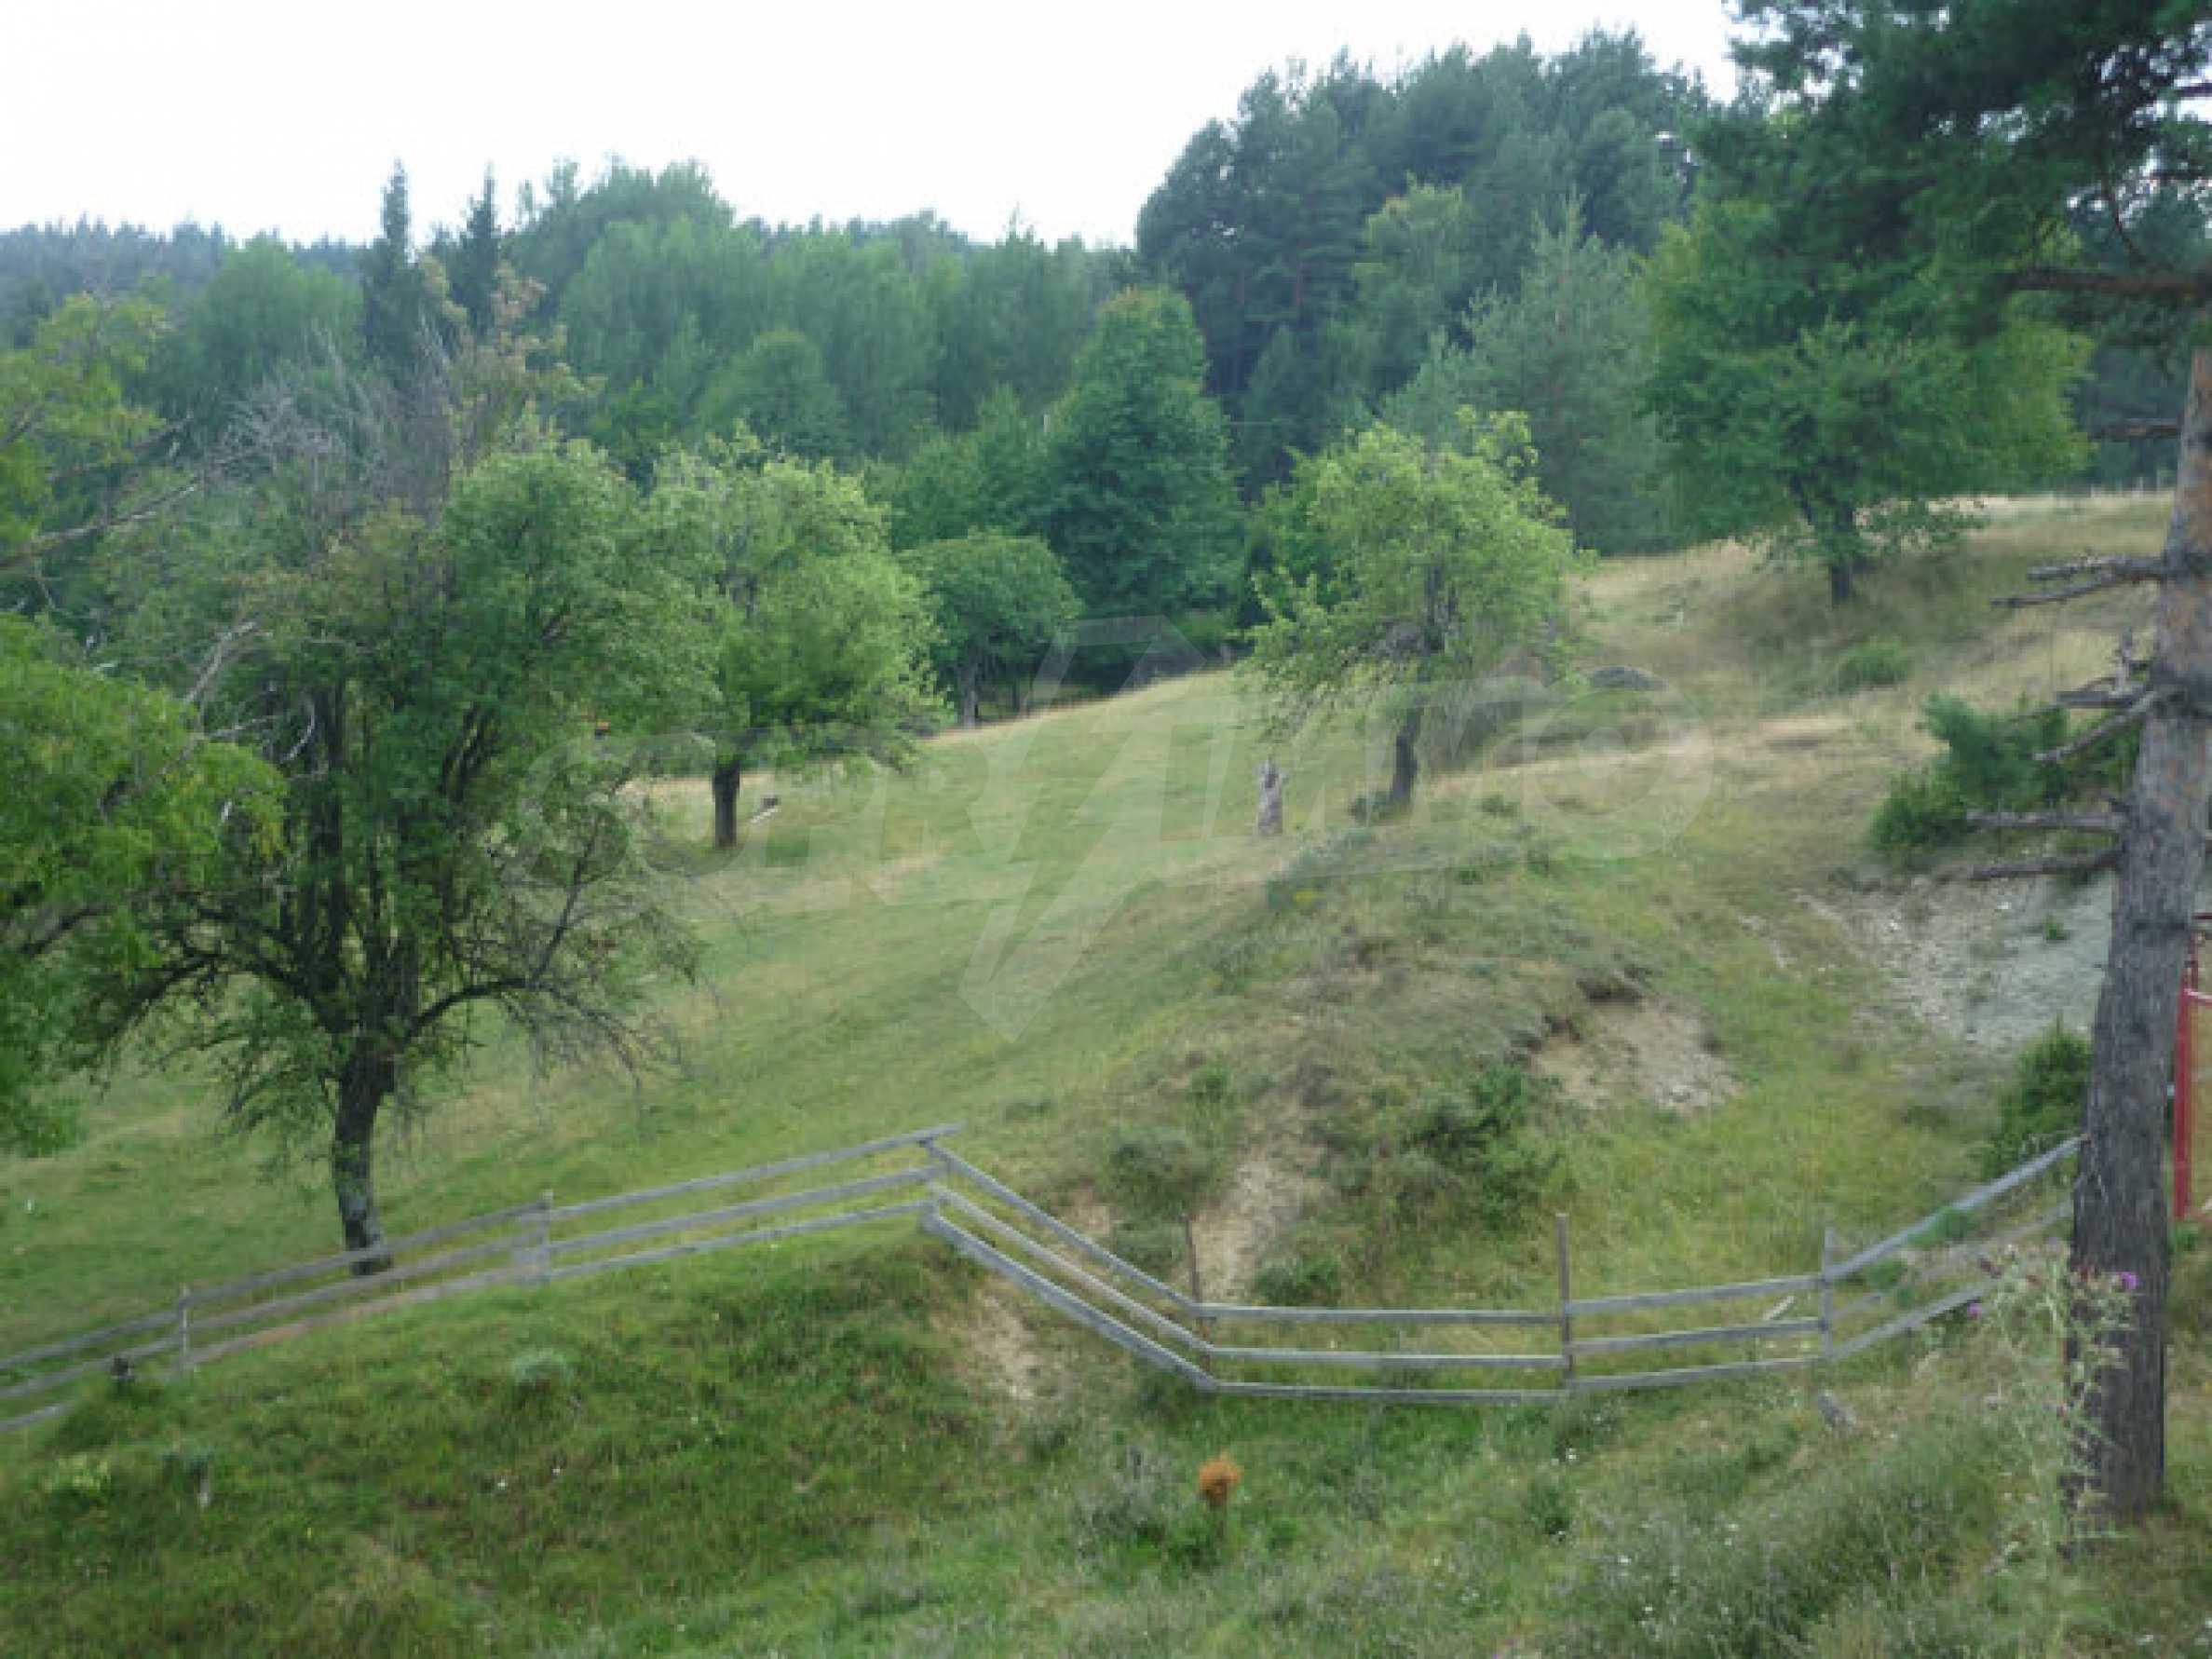 Großes reguliertes Baugrundstück 15 km vom Kurort Smolyan entfernt